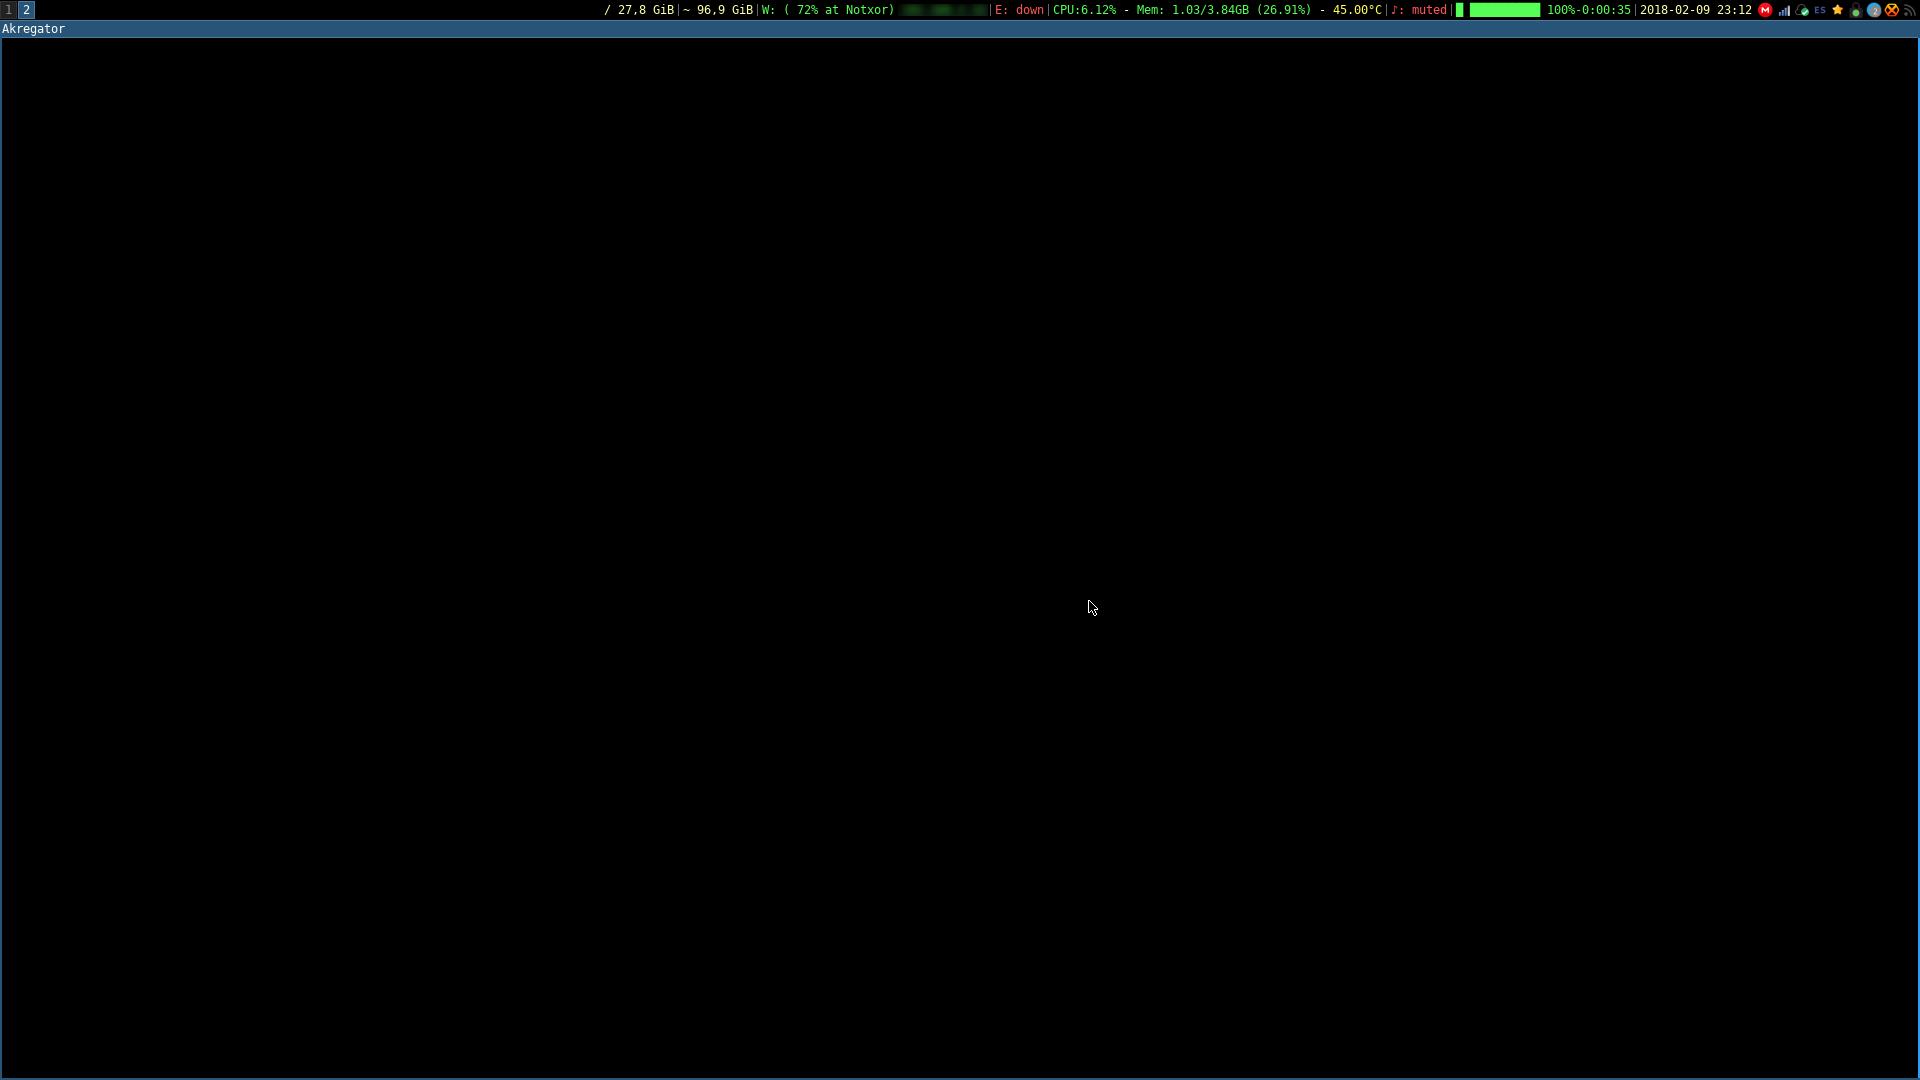 Utilizando elfeed-mode de emacs  - Notxor tiene un blog